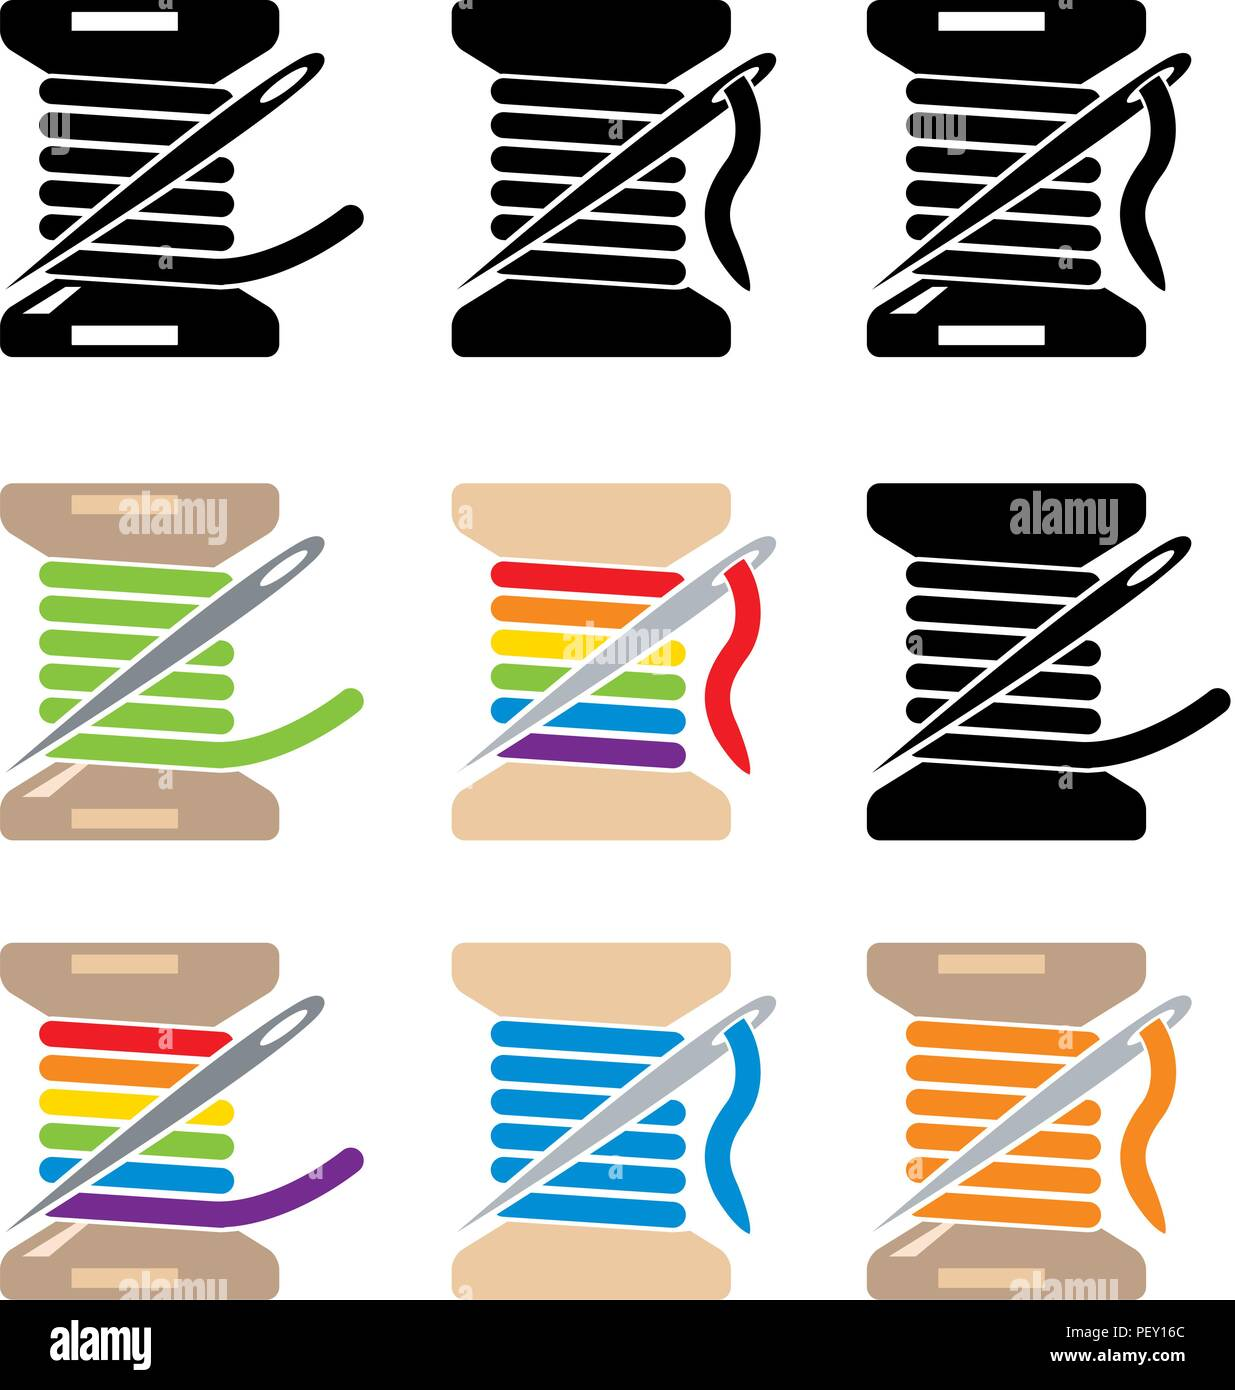 Needlework Vector Vectors Imágenes De Stock & Needlework Vector ...